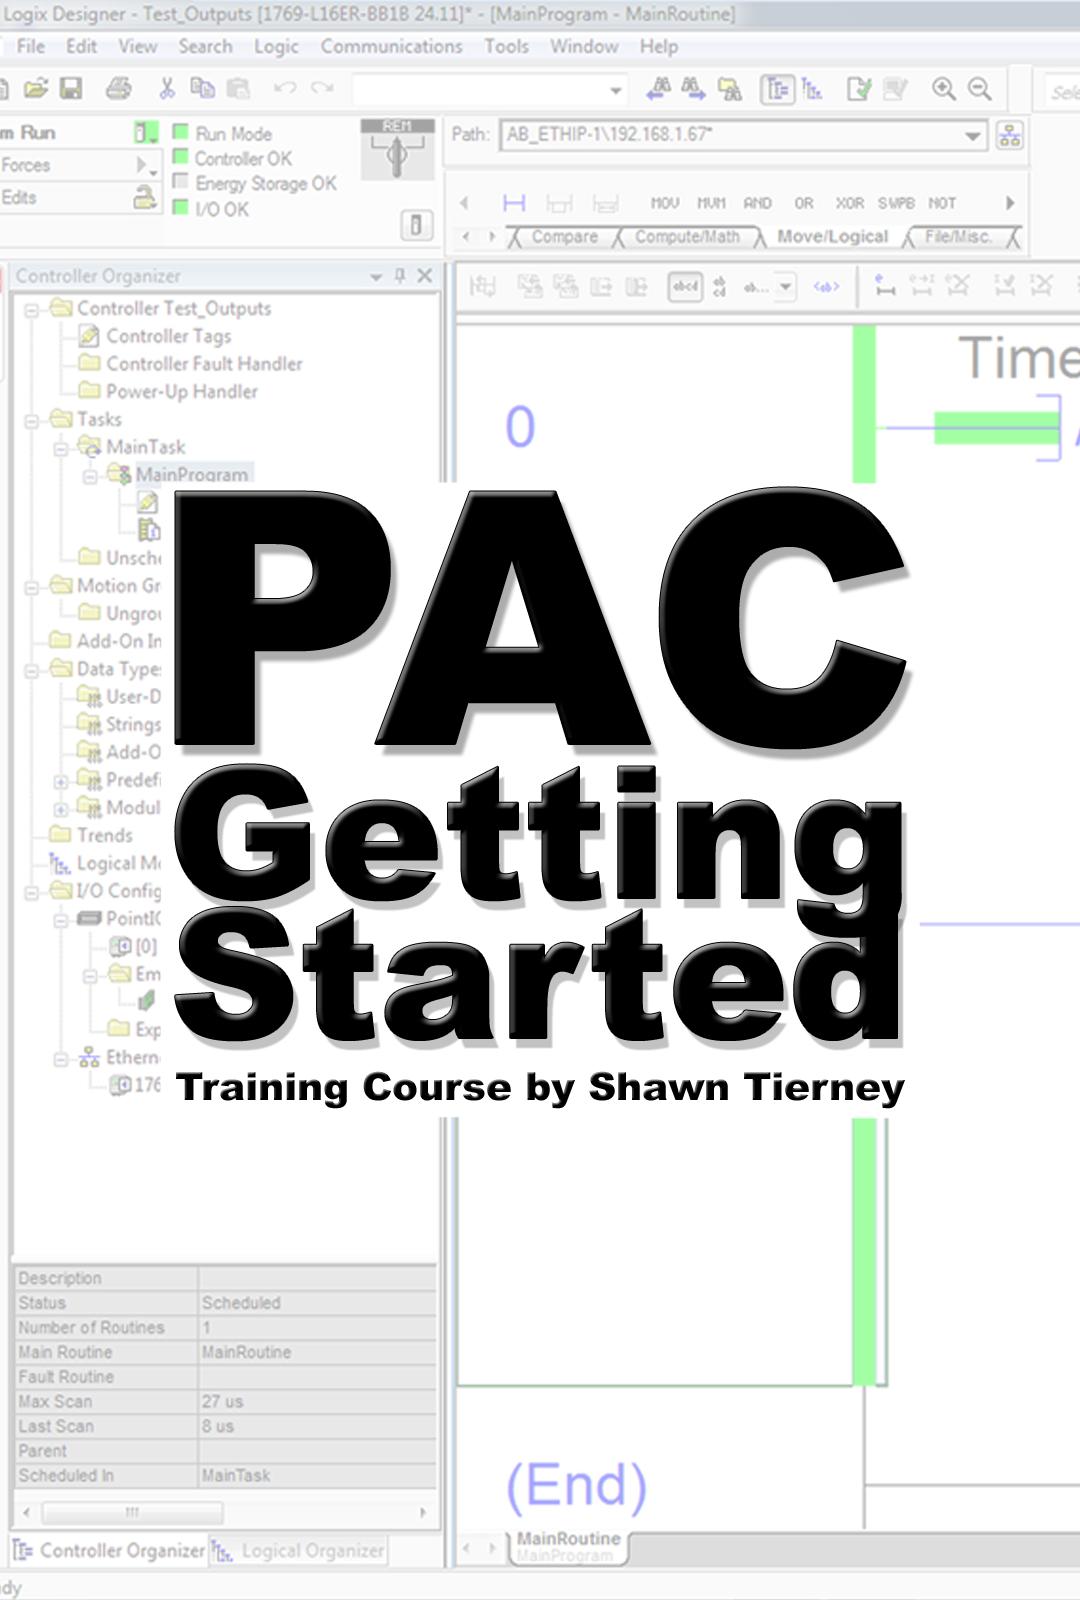 PAC-GS-Vimeo-1080x1600-v3b